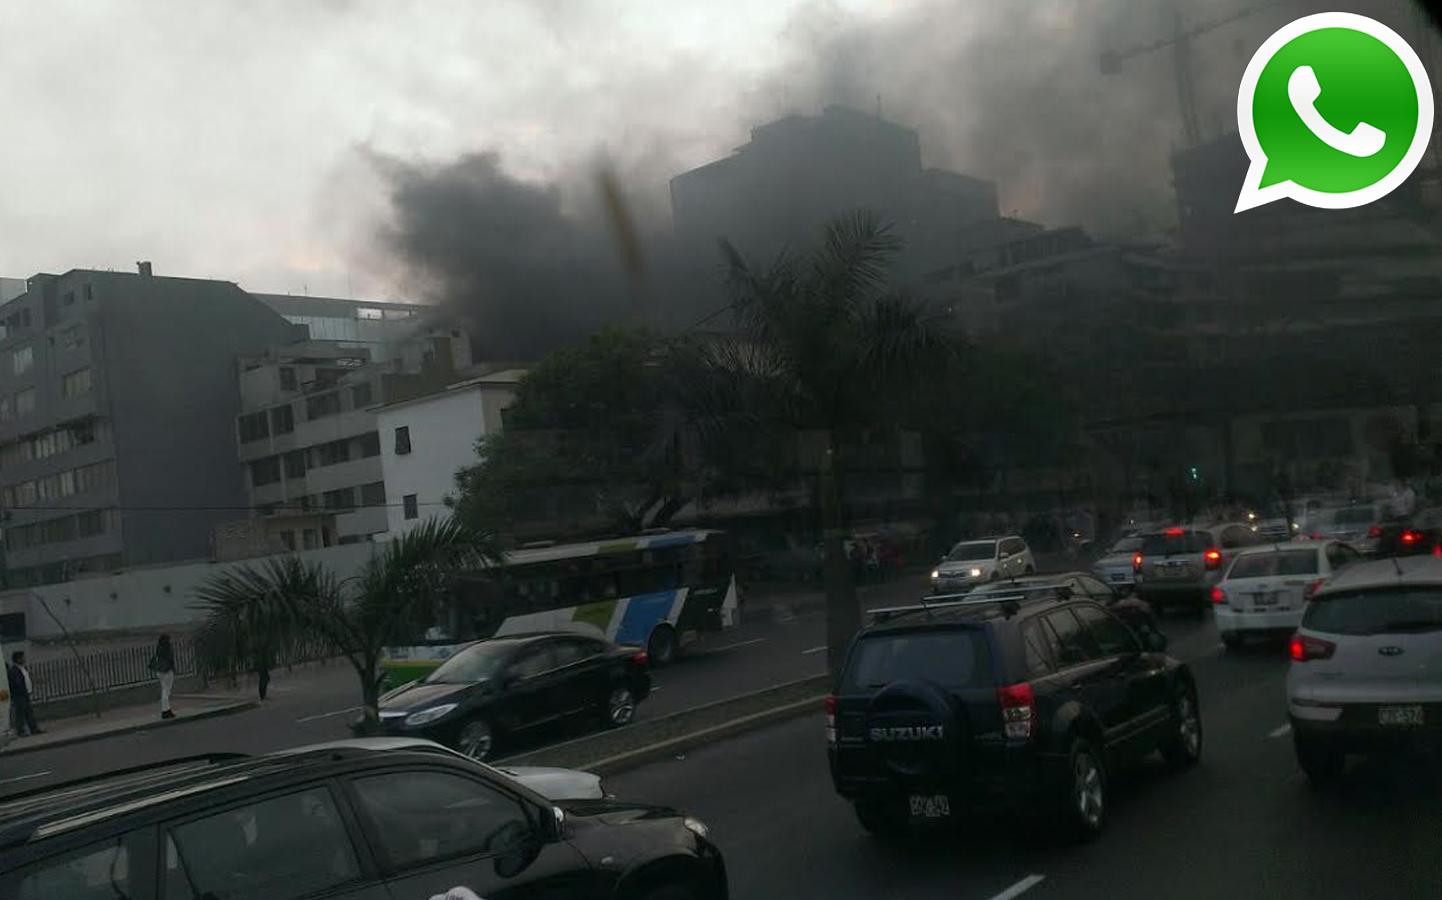 Según indicaron, los edificios contiguos son evacuados por temor a una nueva explosión (Foto: WhatsApp/El Comercio)